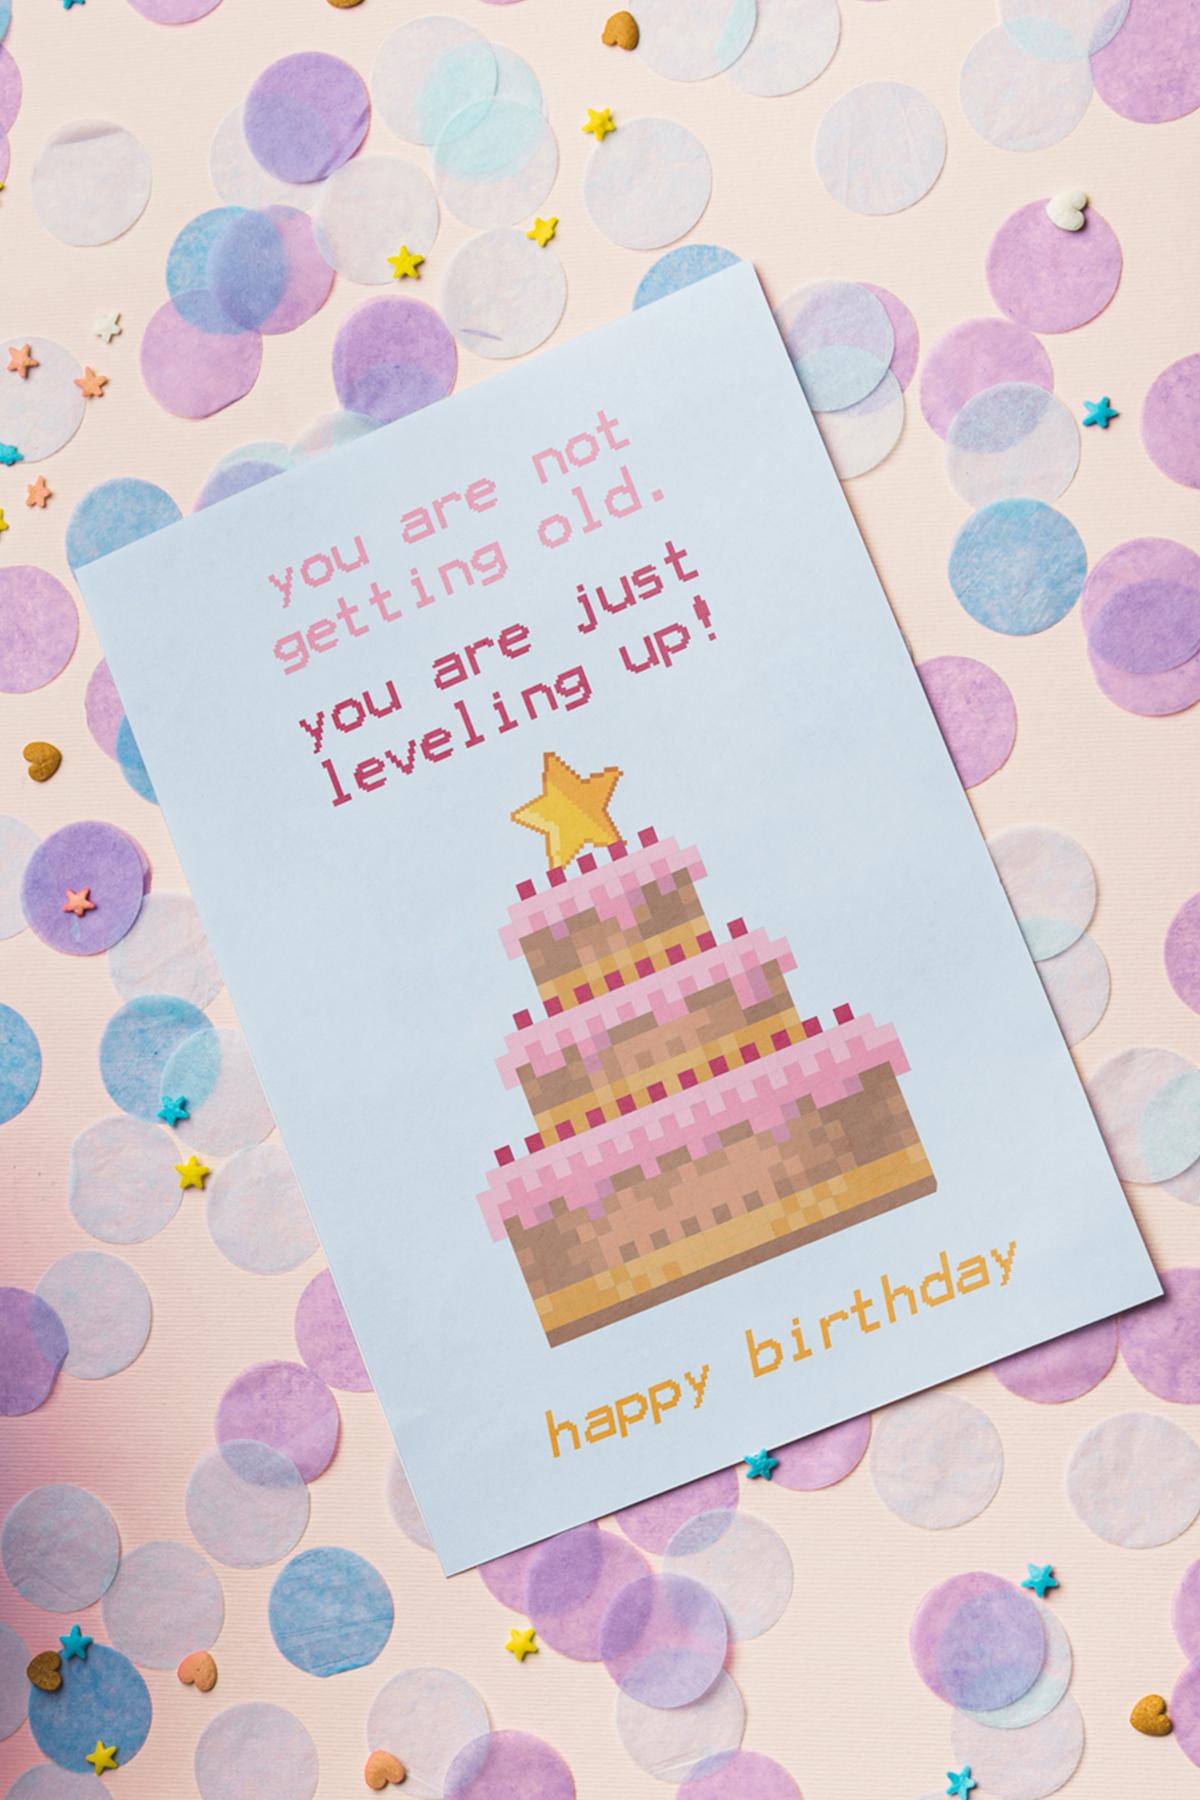 10 Coole Geburtstagskarten Zum Ausdrucken   Free Printable für Geburtstagskarte Selber Drucken